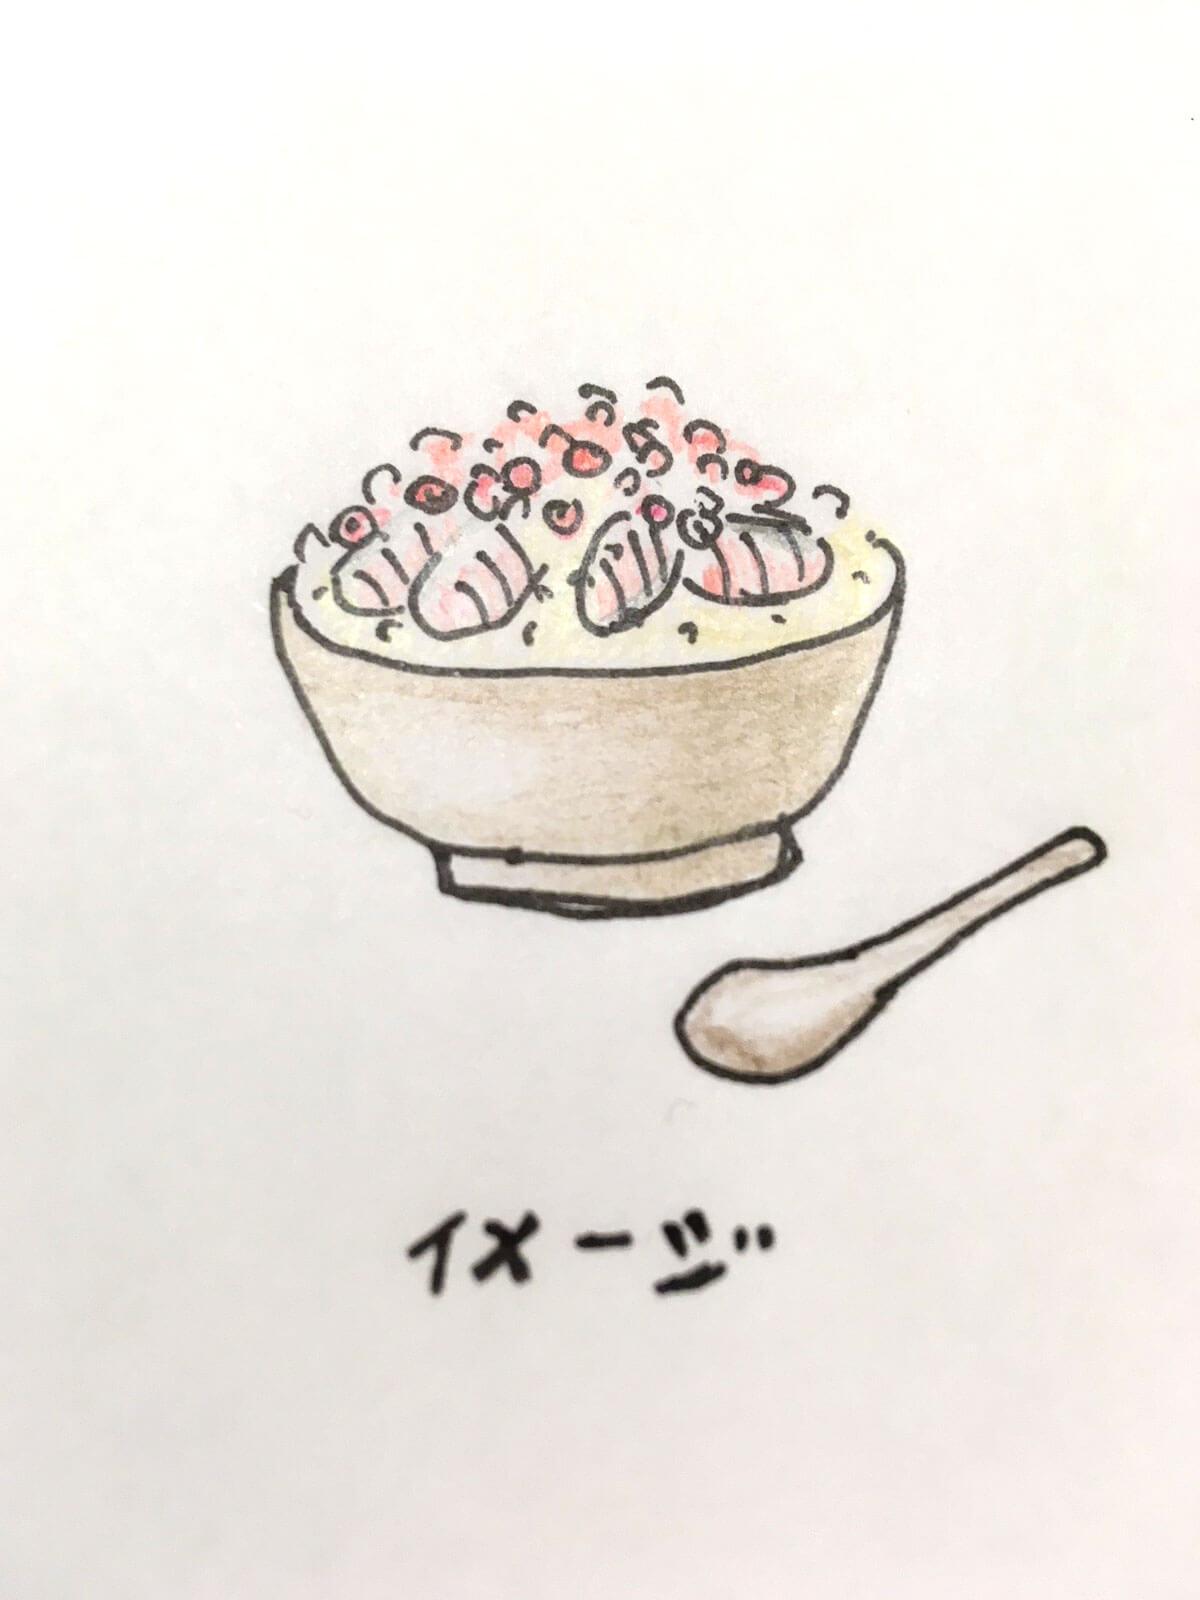 1はらこ飯